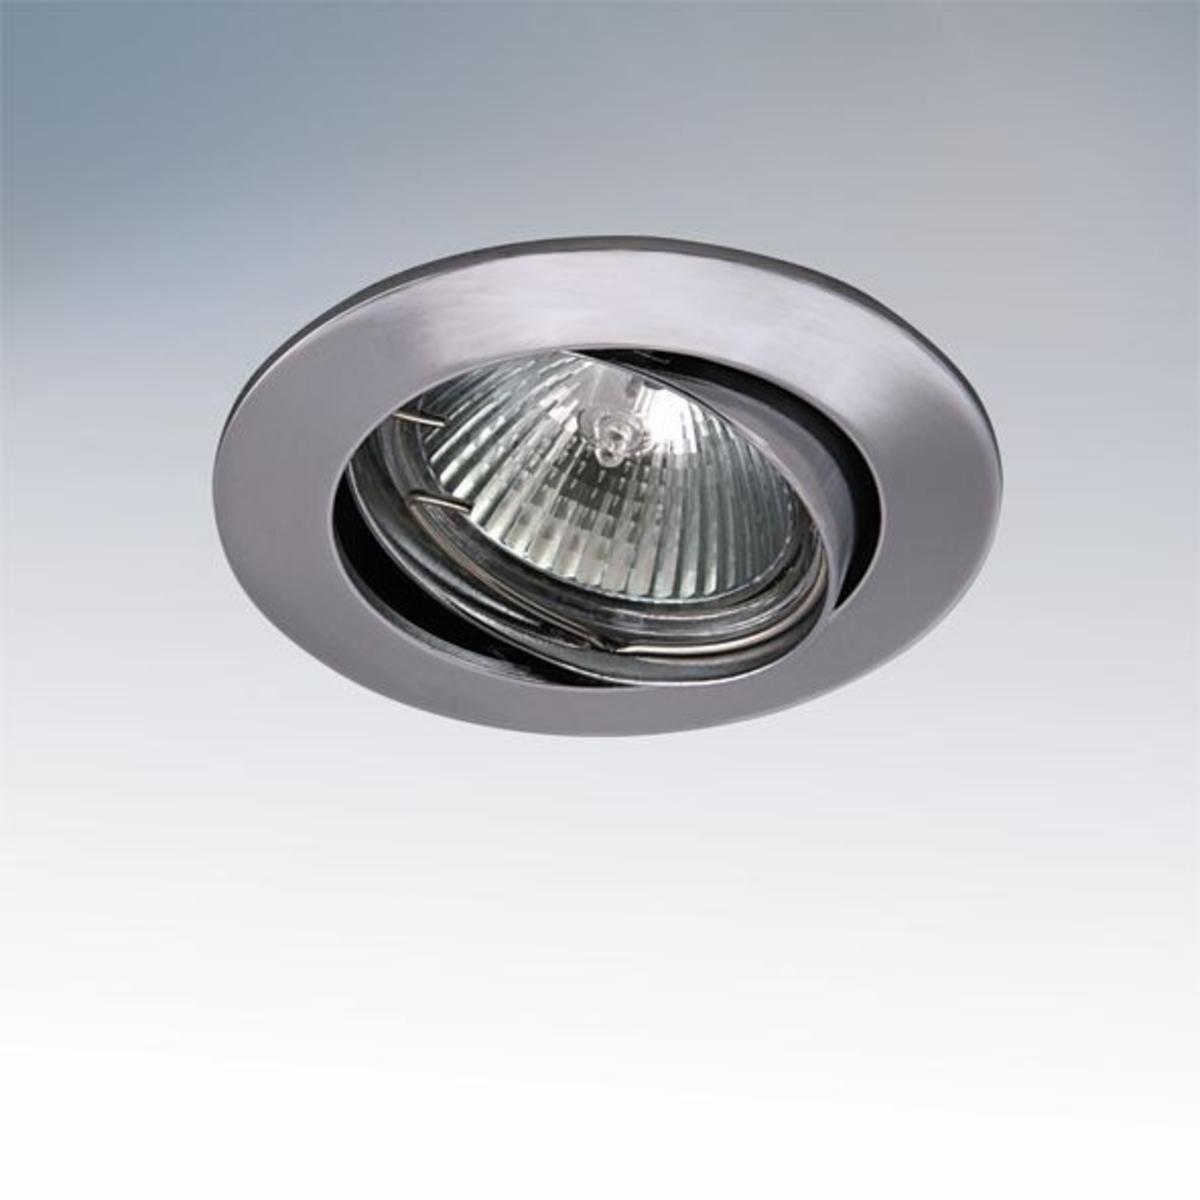 Купить Встраиваемый светильник LEGA HI ADJ 011024, HomeMe